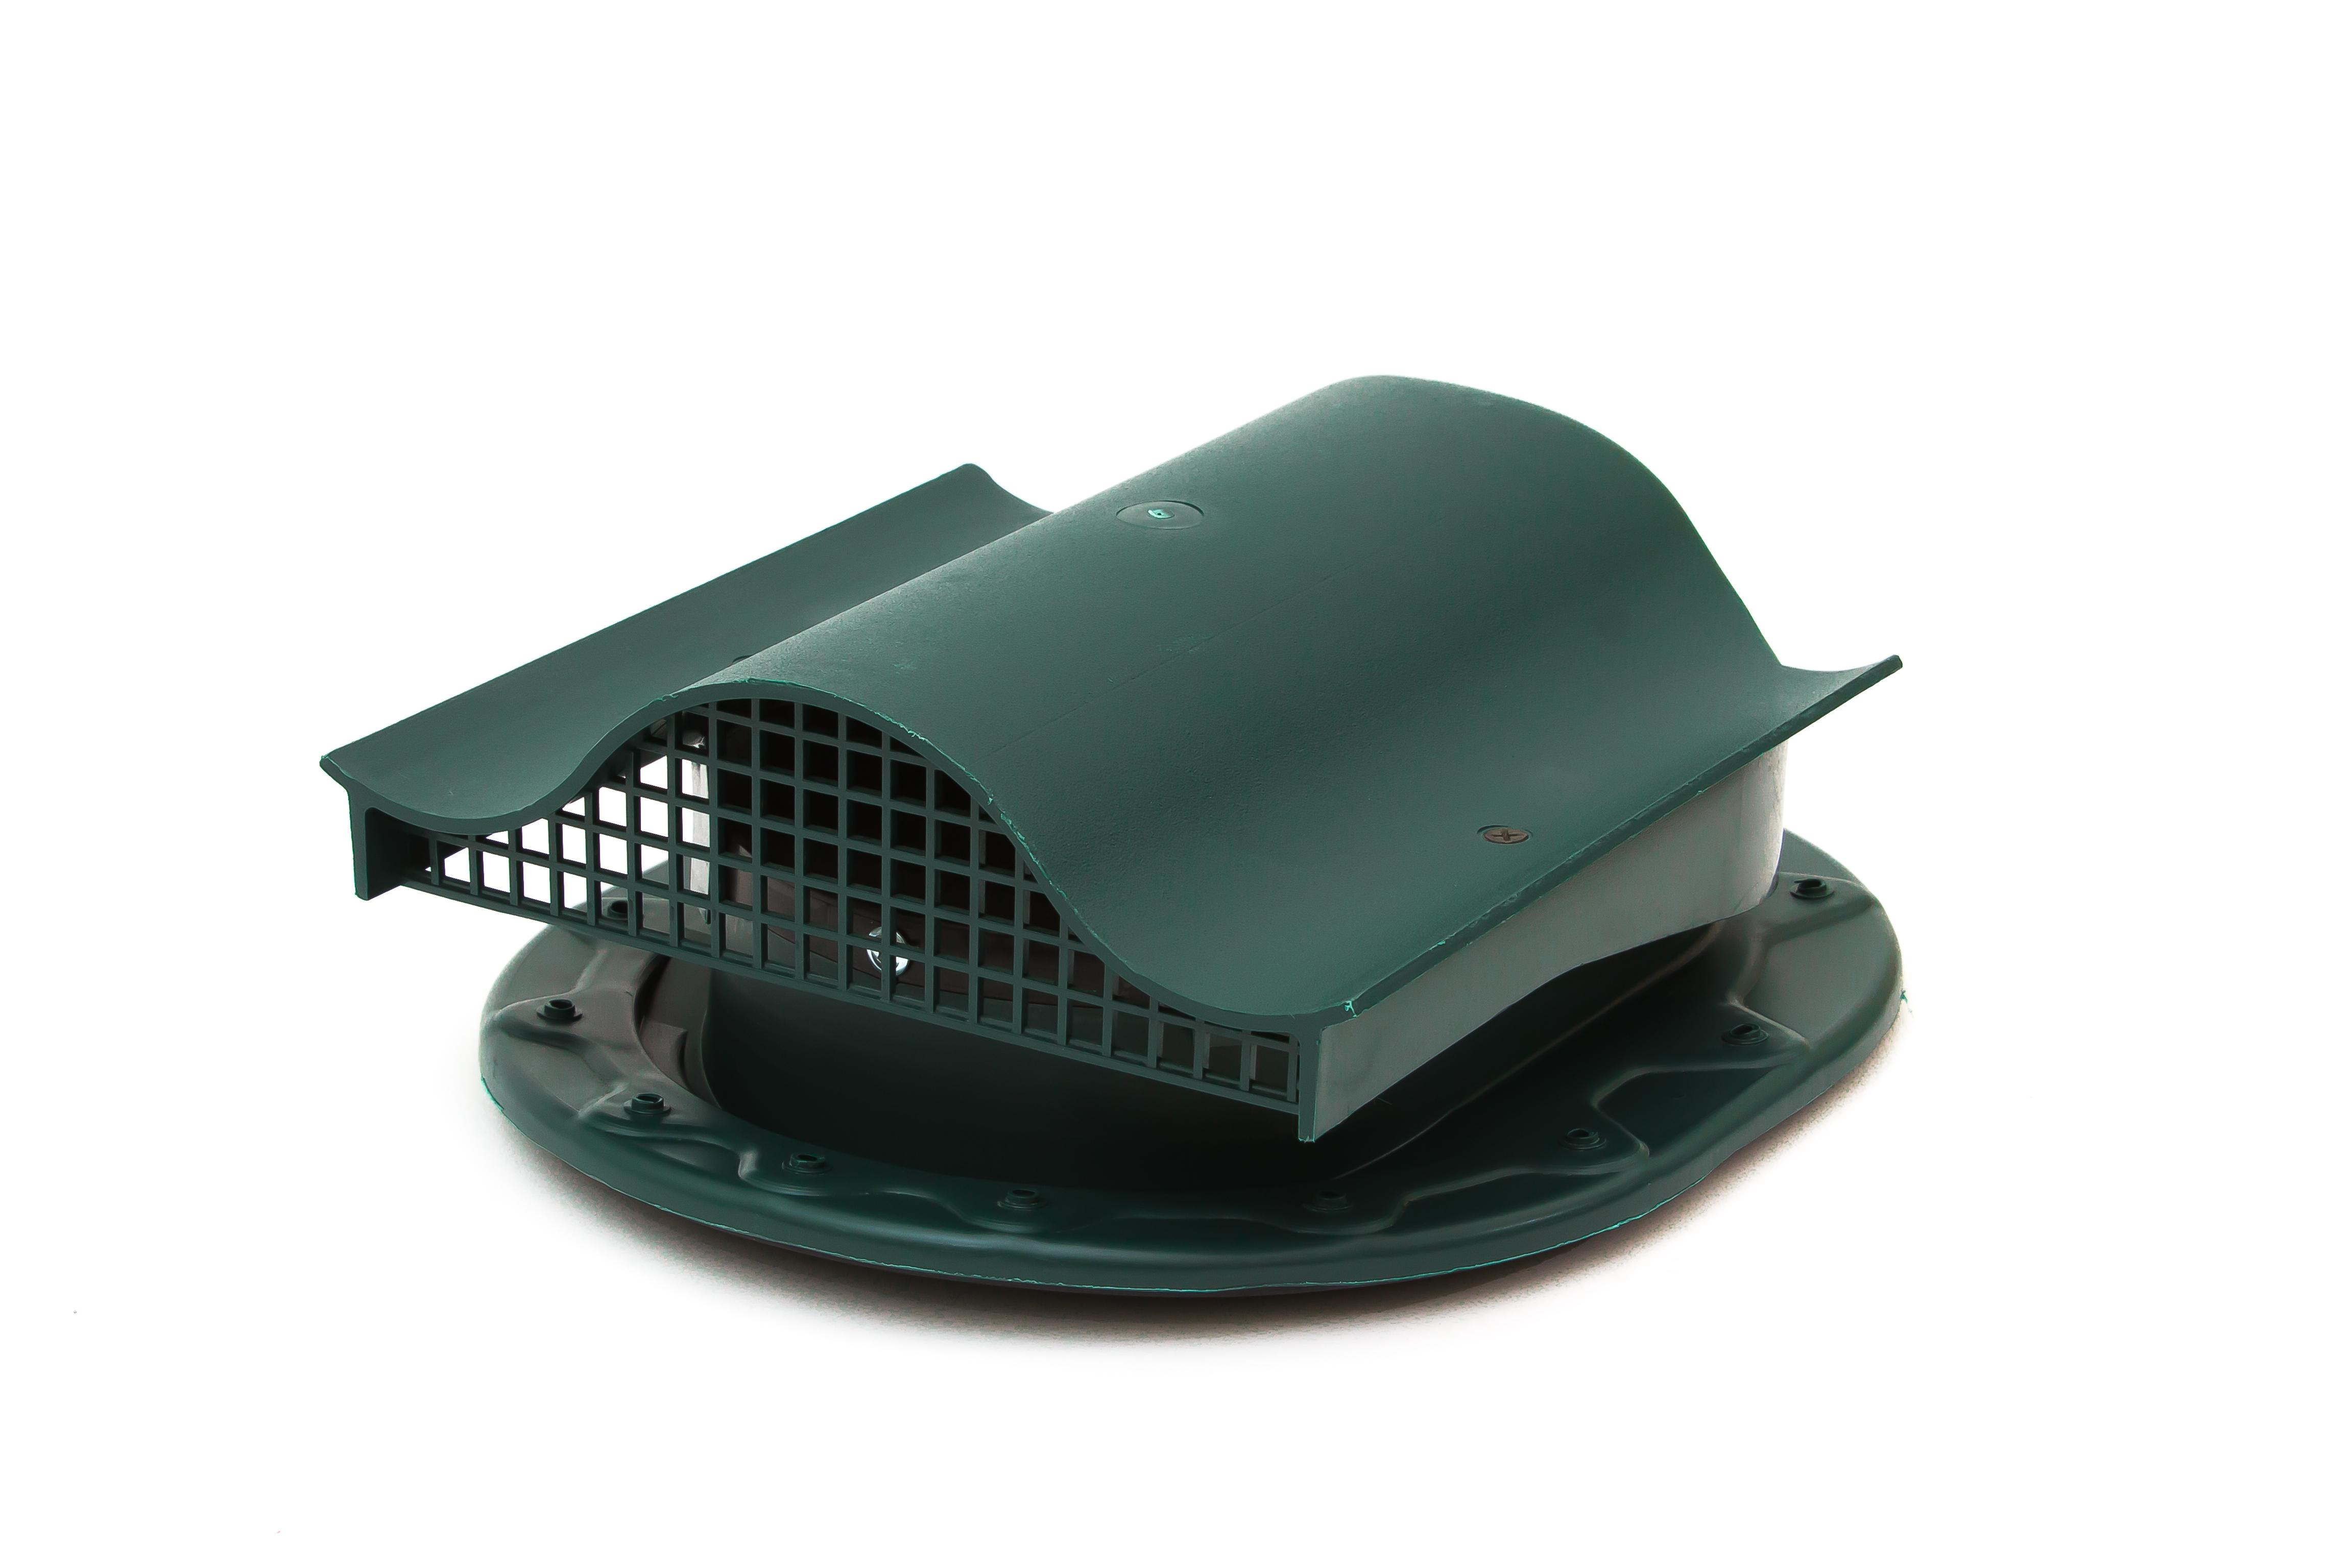 Аэратор Поливент-КТВ-вентиль для готовой кровли из битумной черепицы зеленый